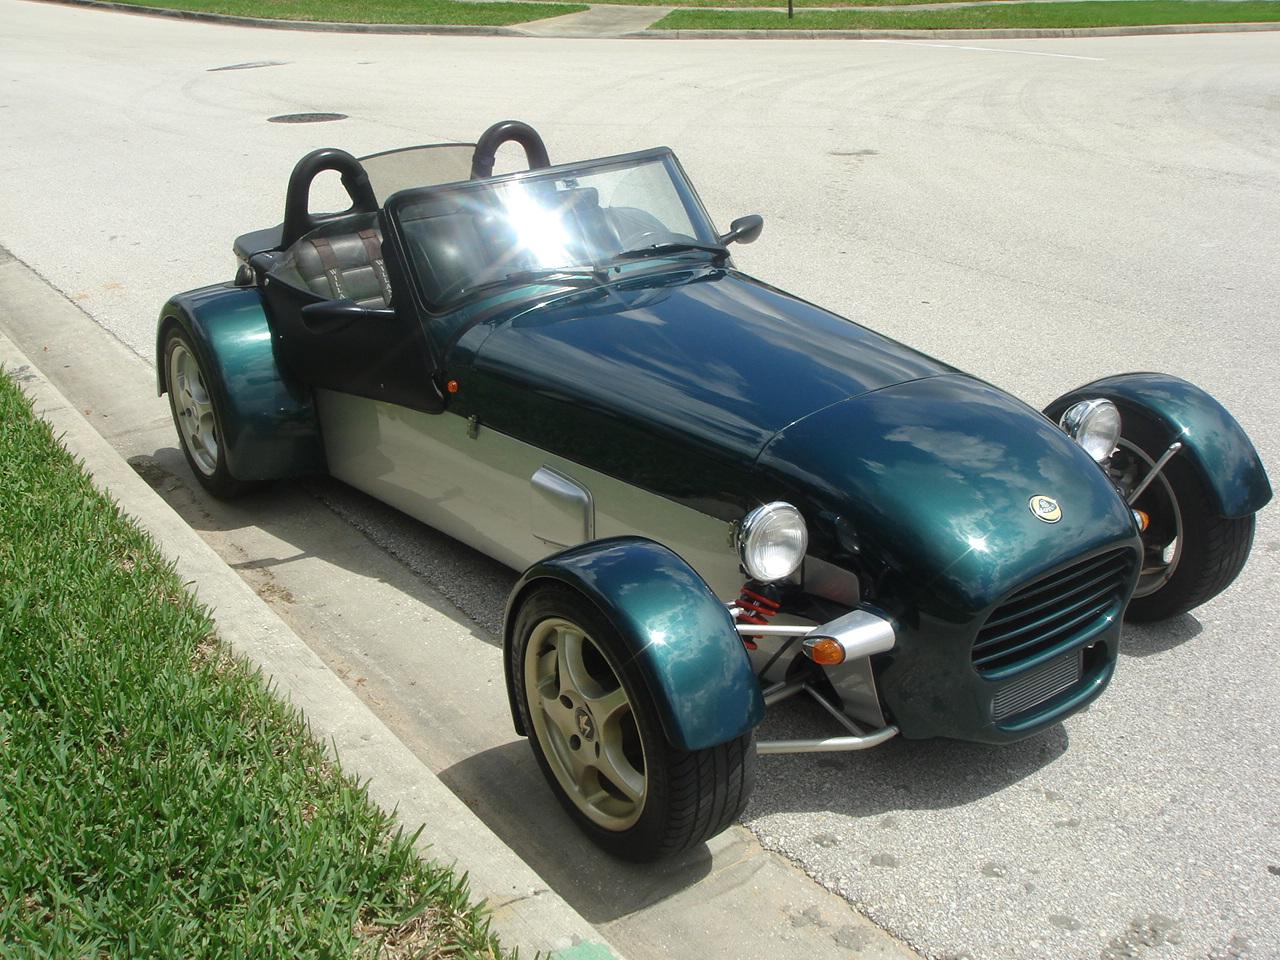 Lotus 7 Replica for sale